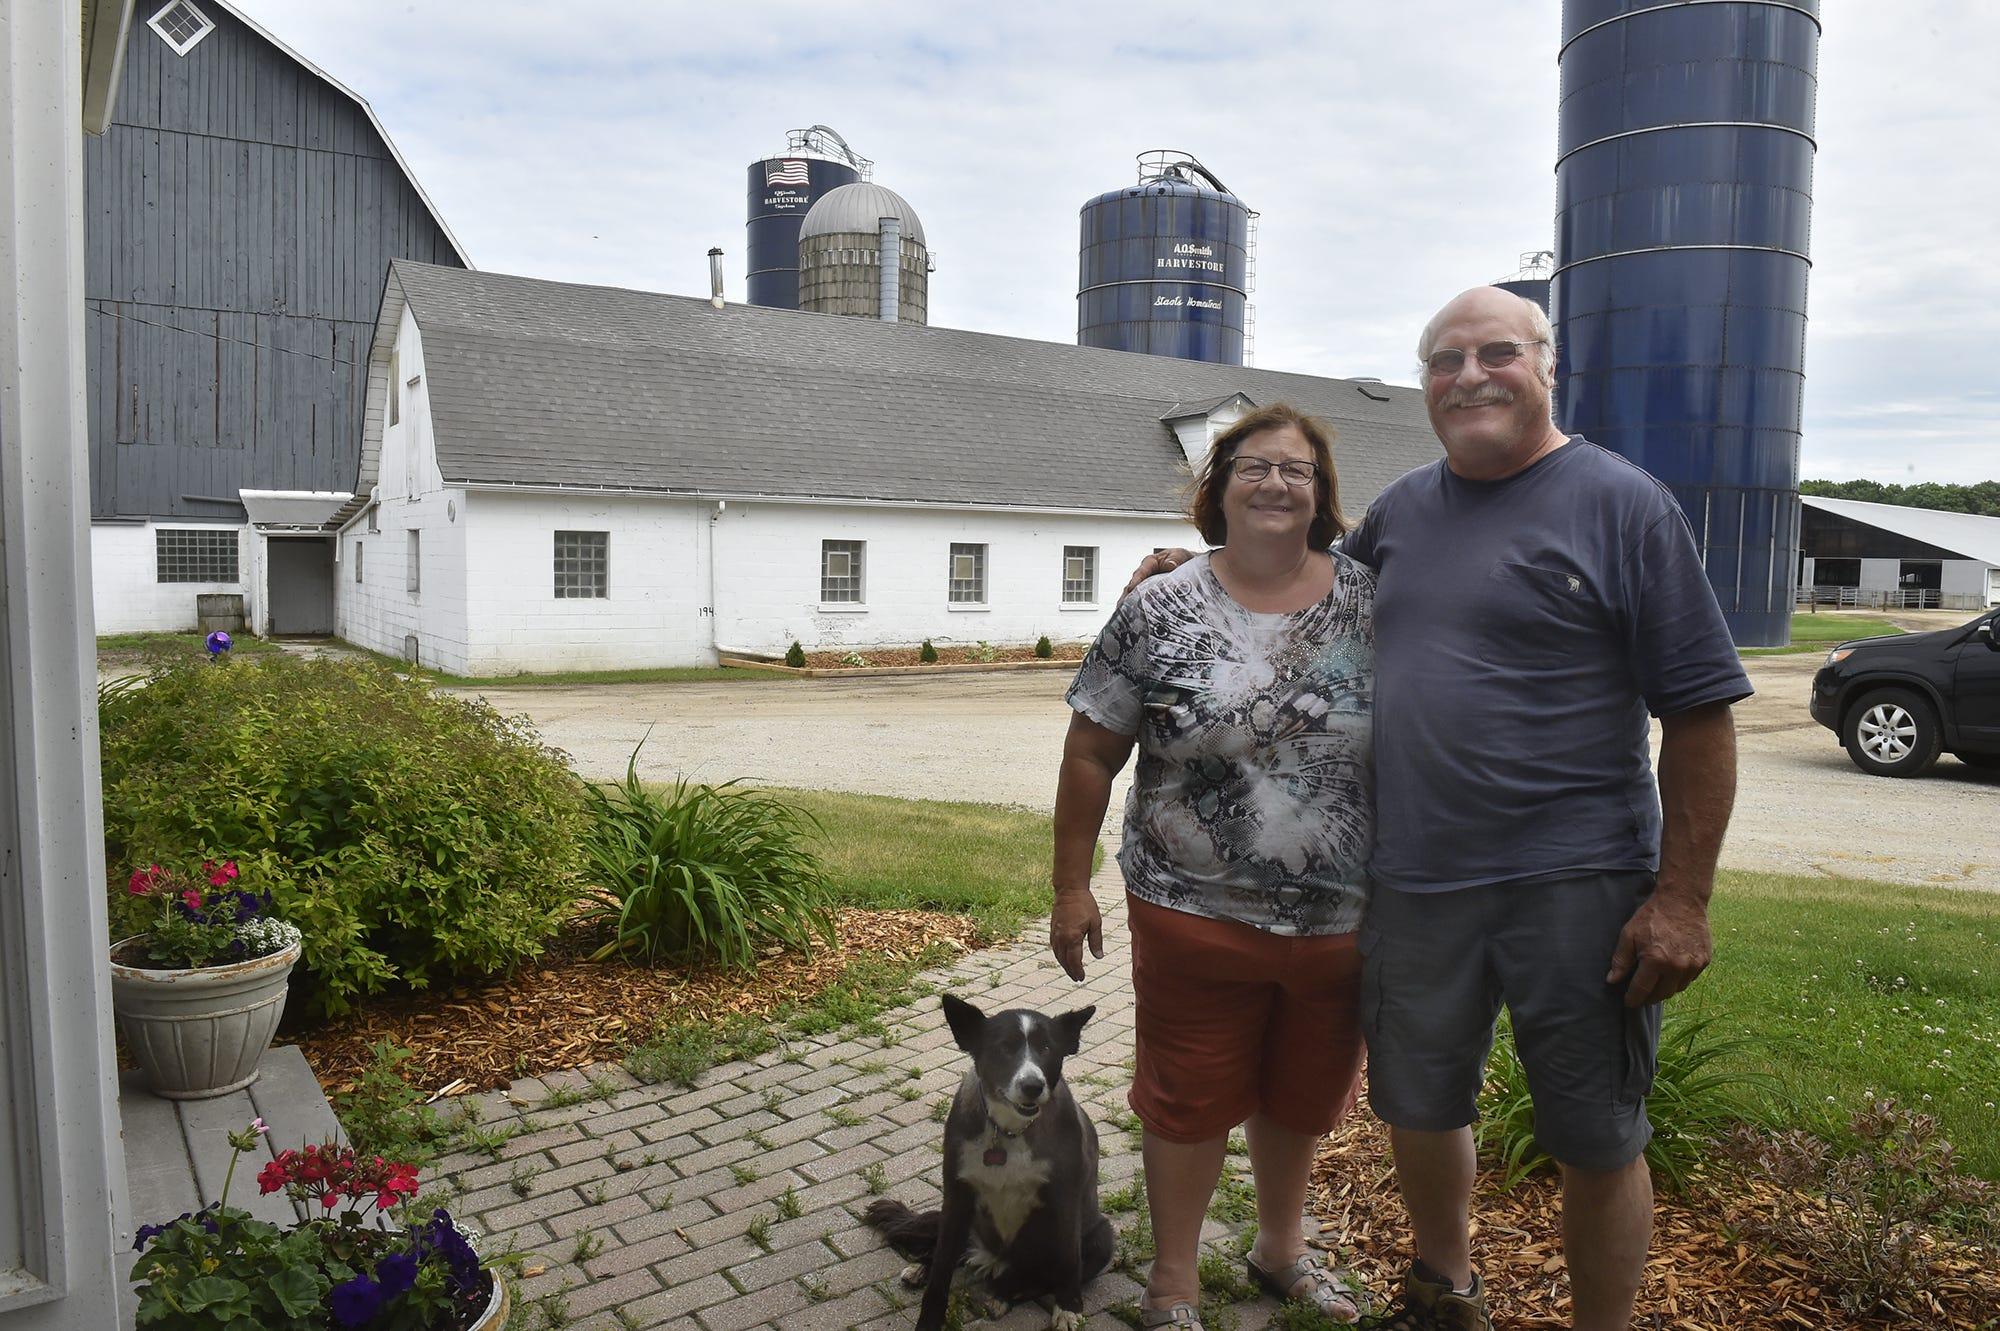 Door County Dairy Breakfast set for July 1 & Door County Advocate